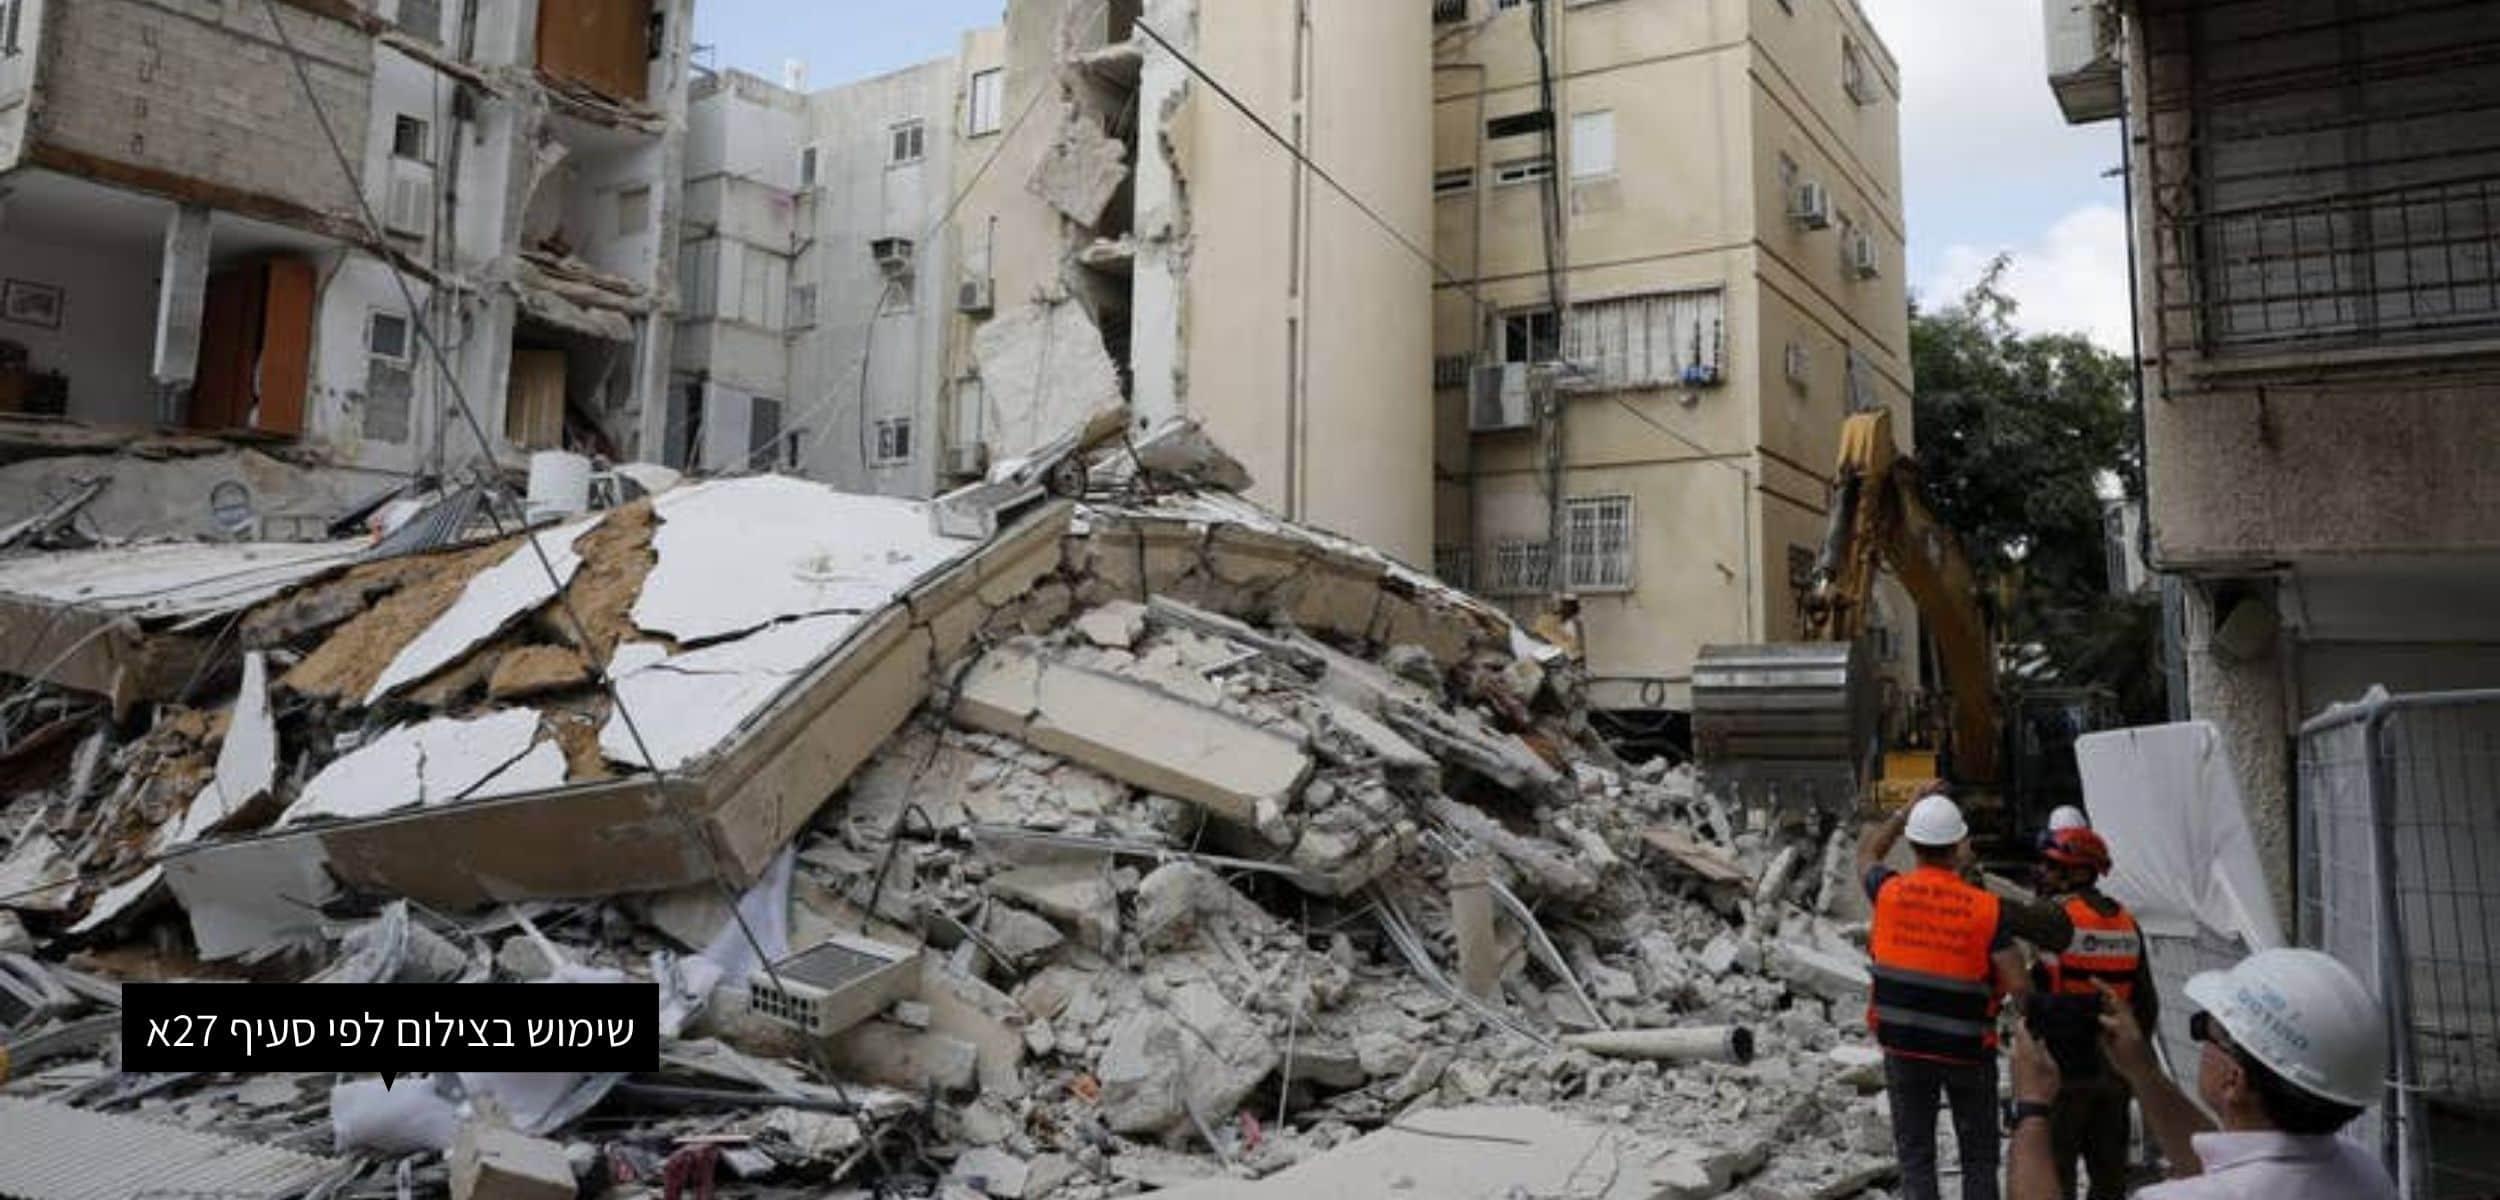 בניין שקרס בחולון